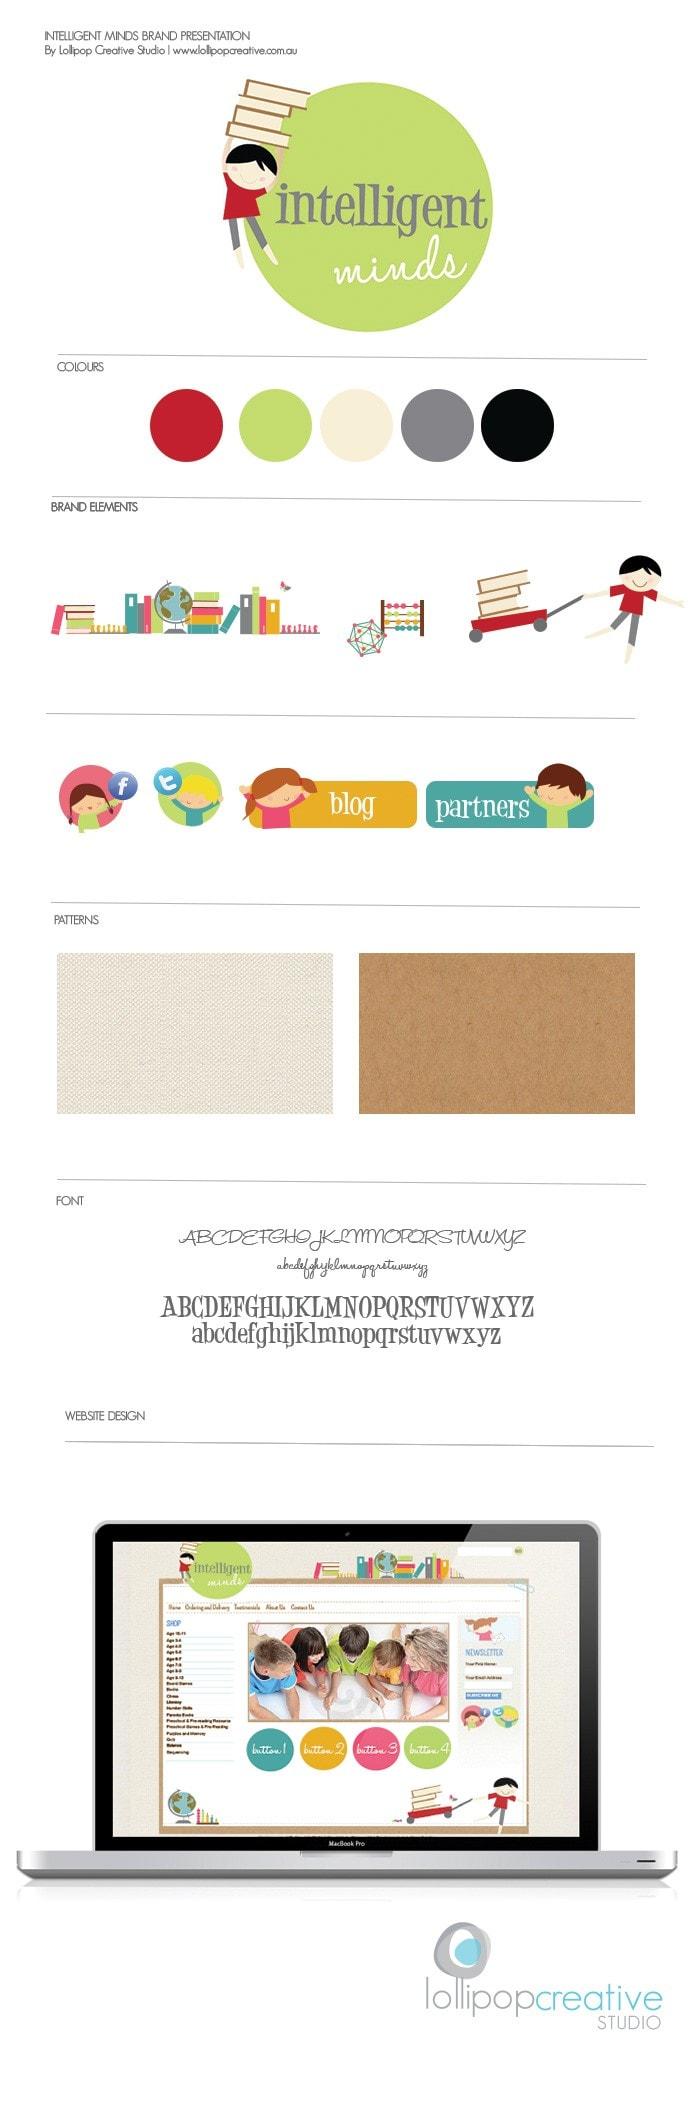 Intelligent Mind logo design, web design, stationery